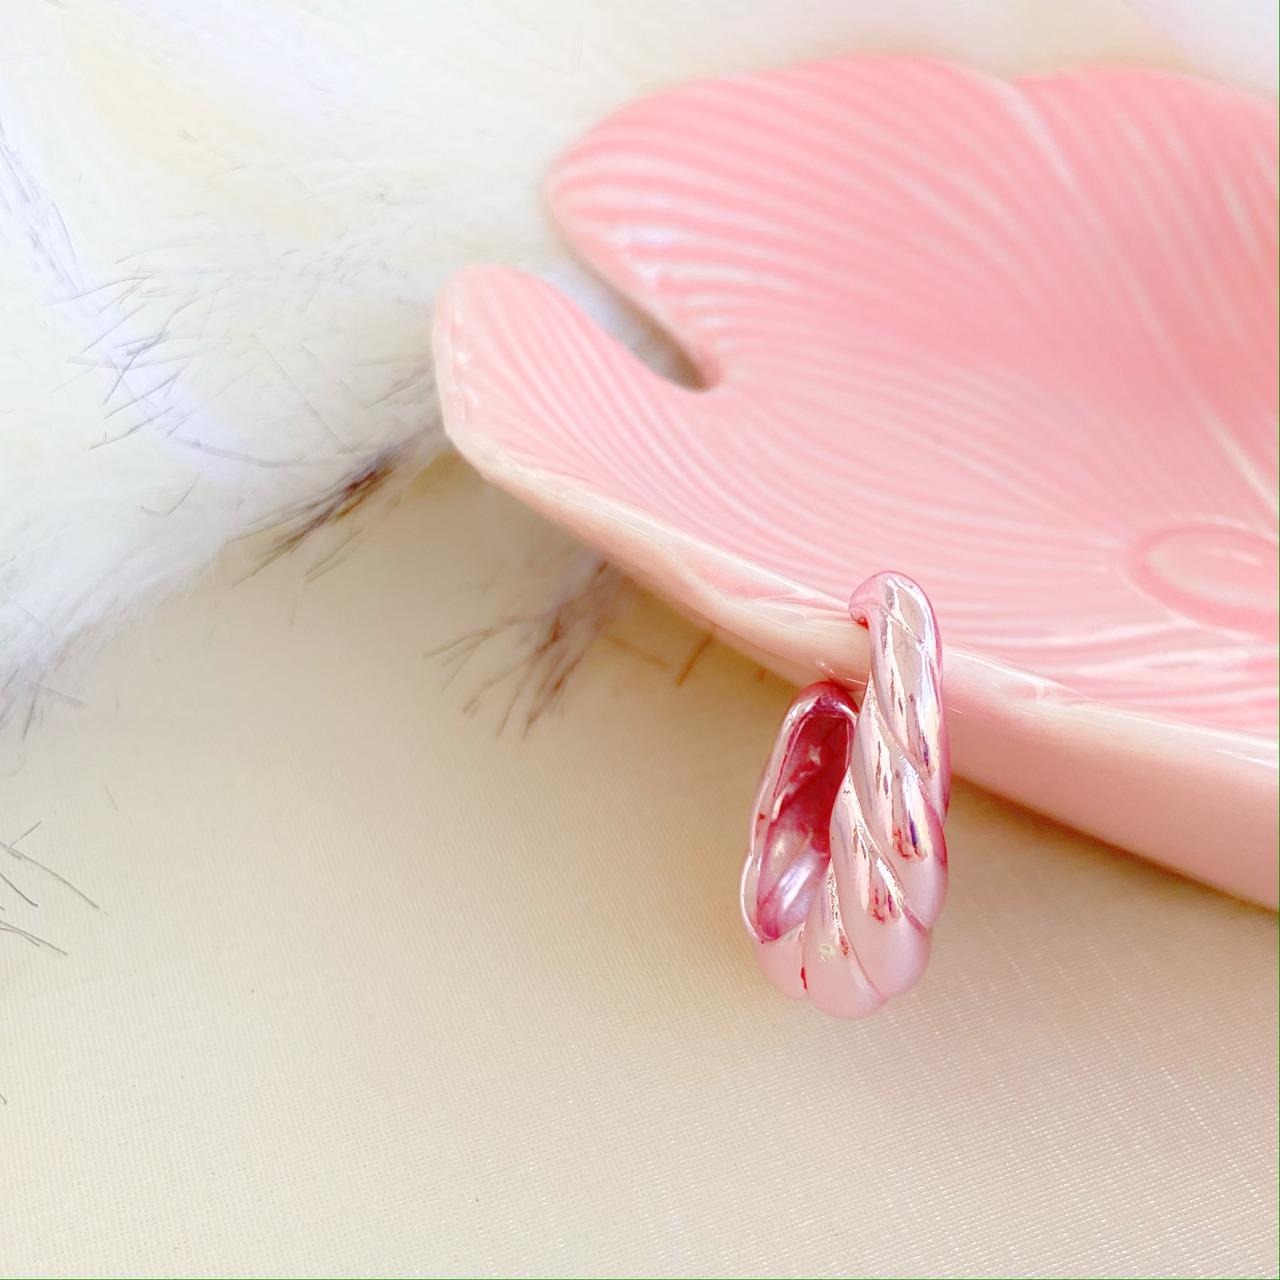 Piercing Fake Pink - PIR6018